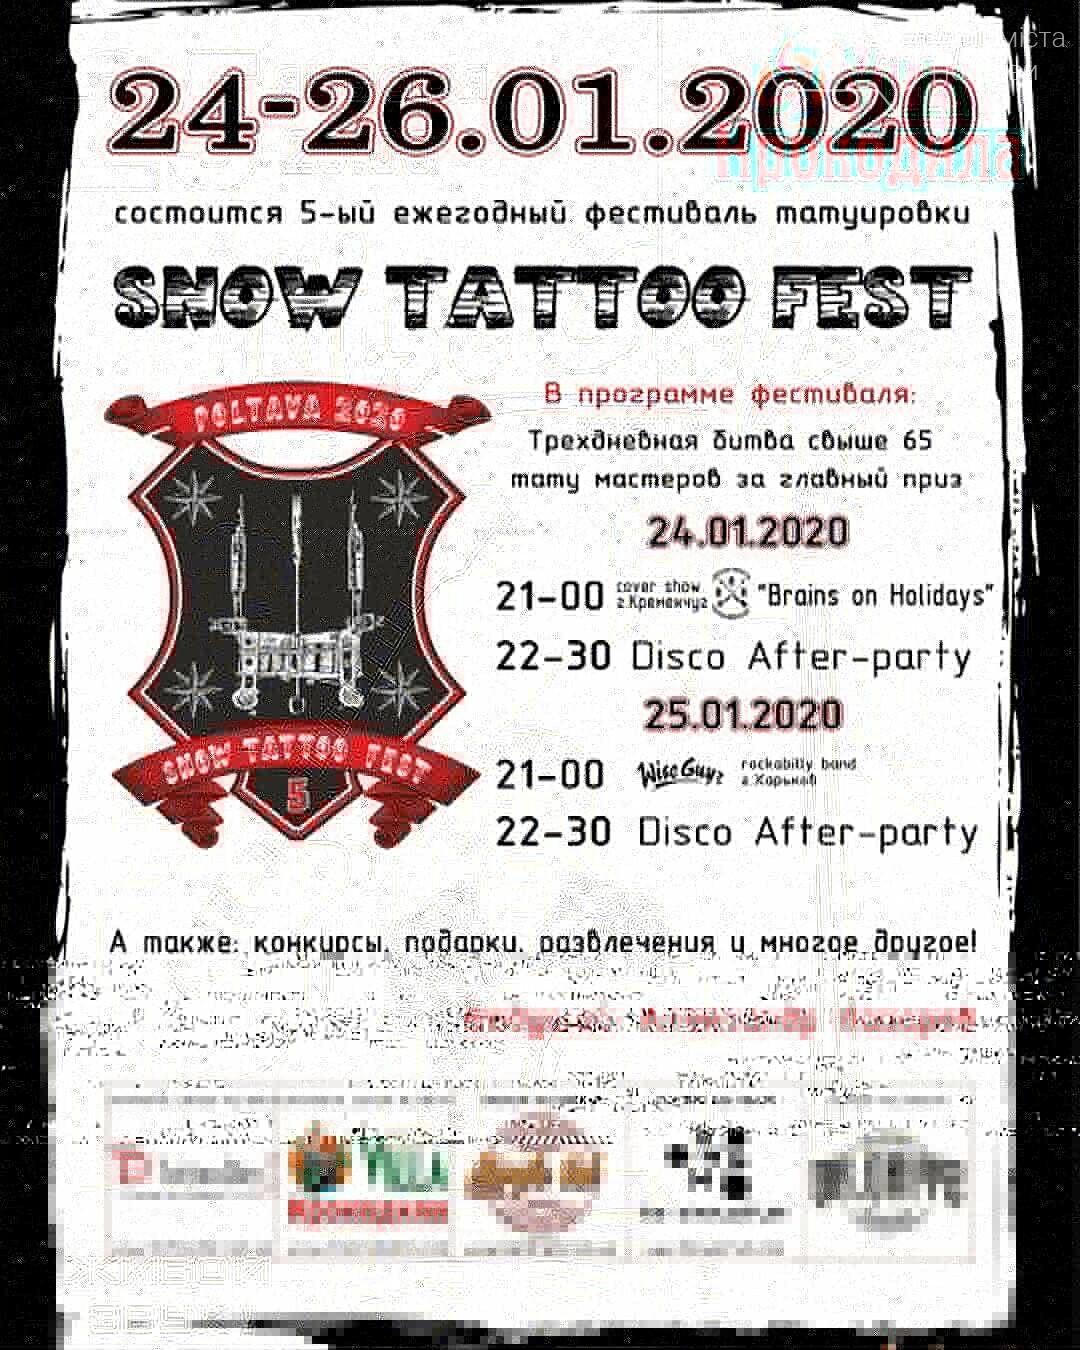 У Полтаві пройде 5-й щорічний фестиваль татуювання, фото-1